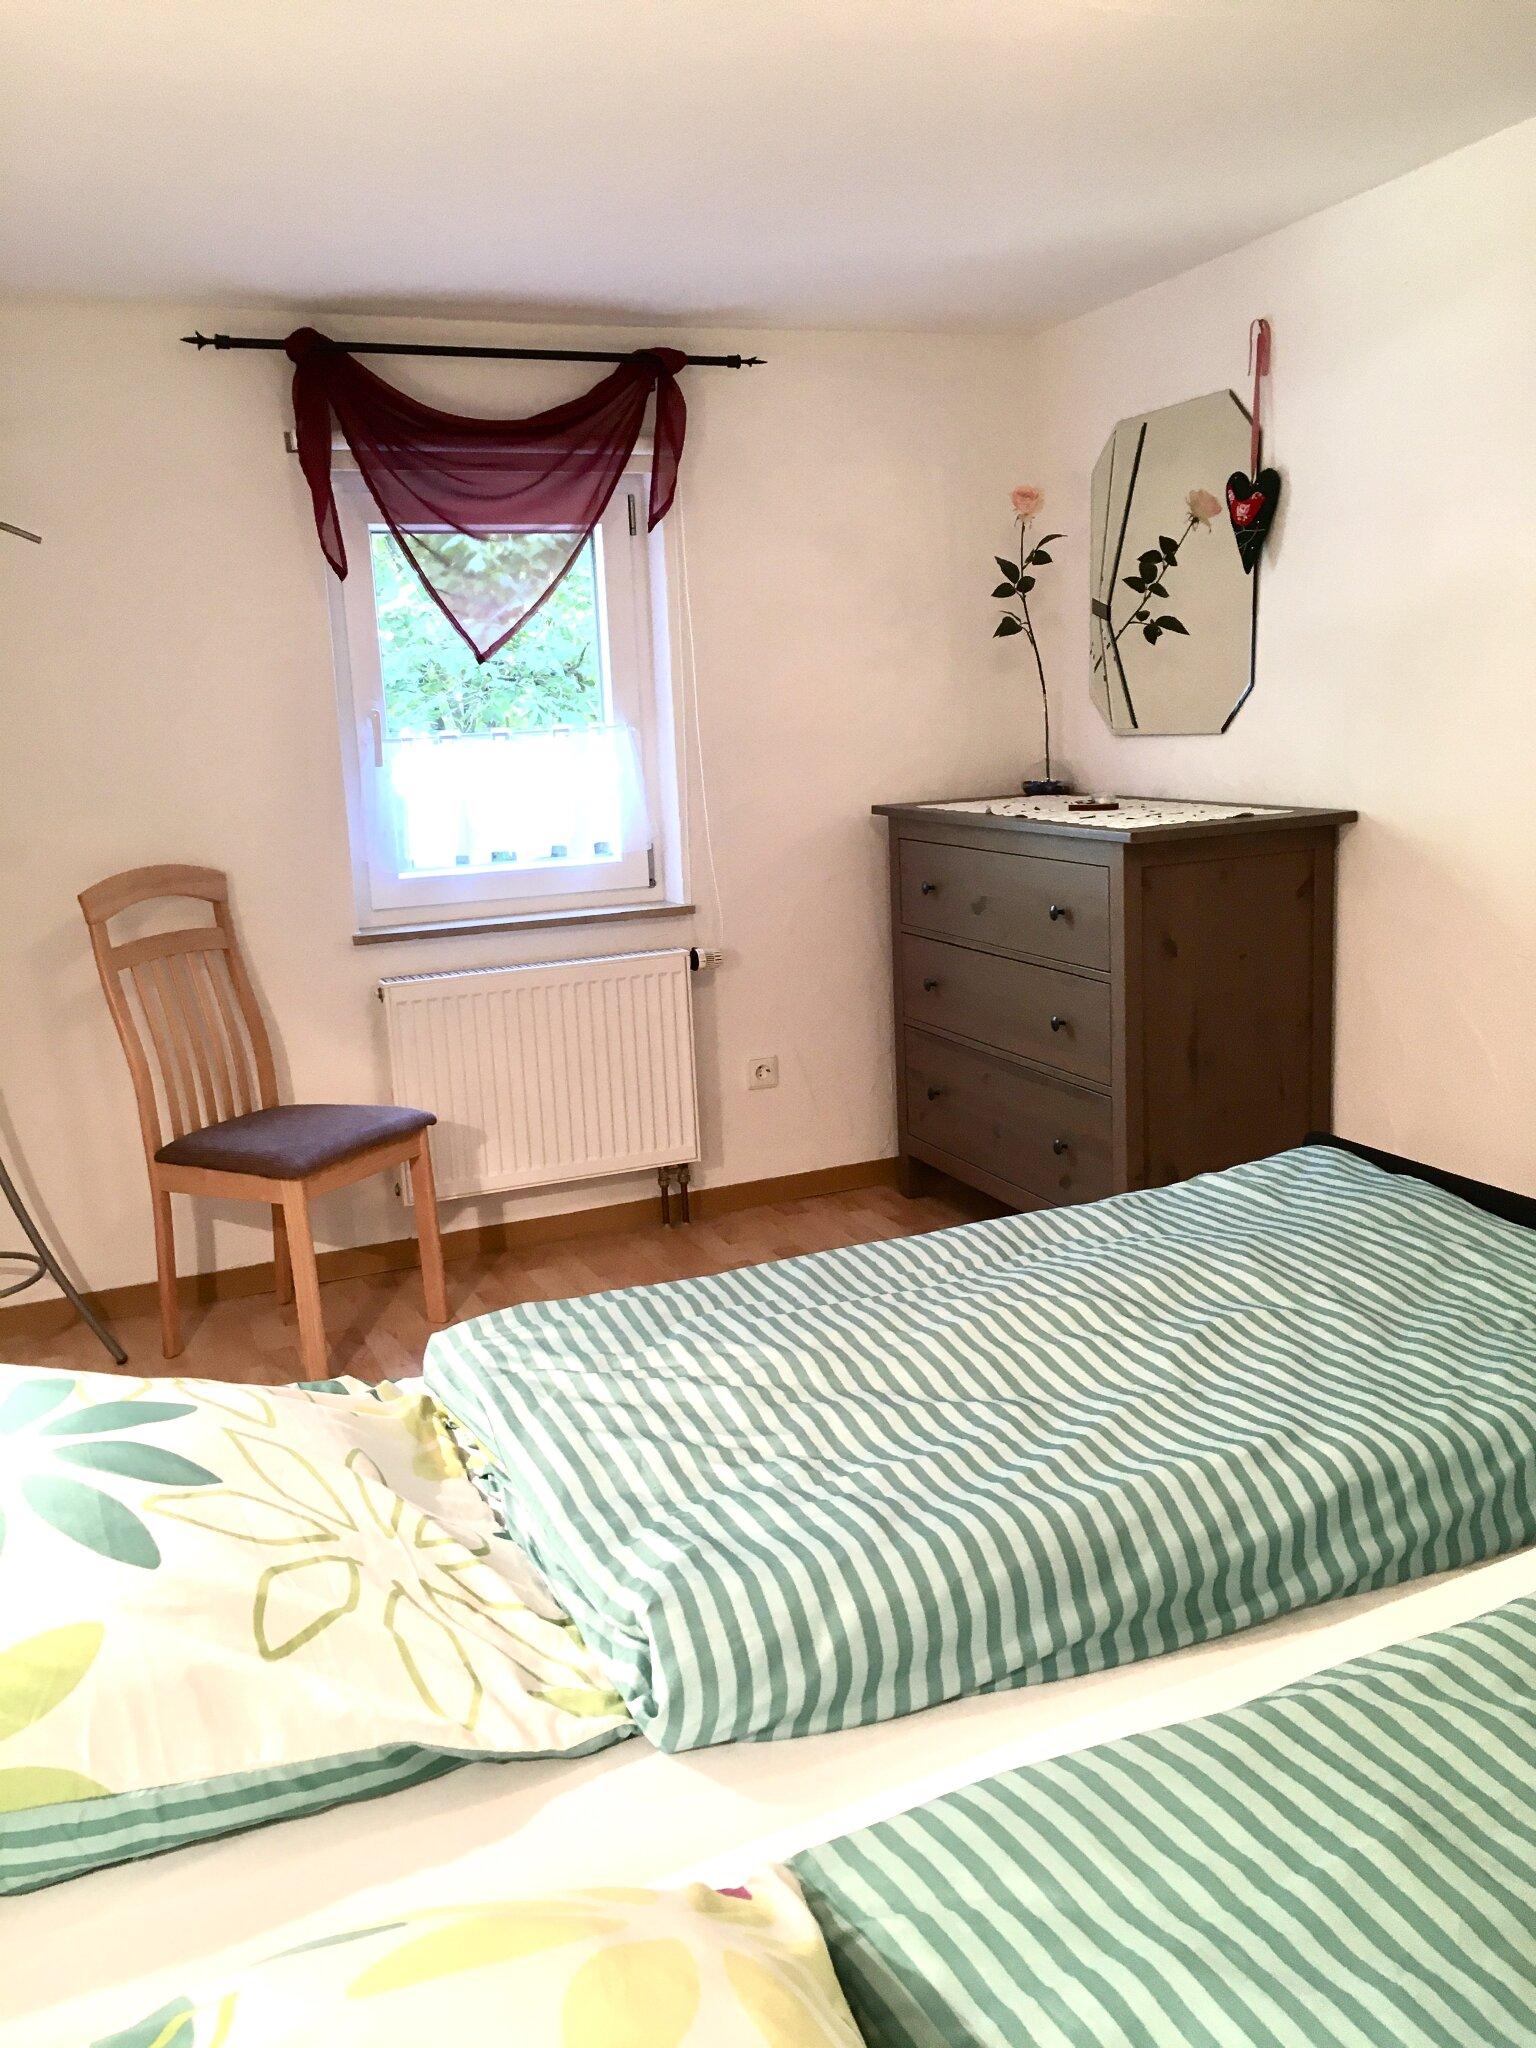 Schlafzimmer mit Verdunklungsmöglichkeit